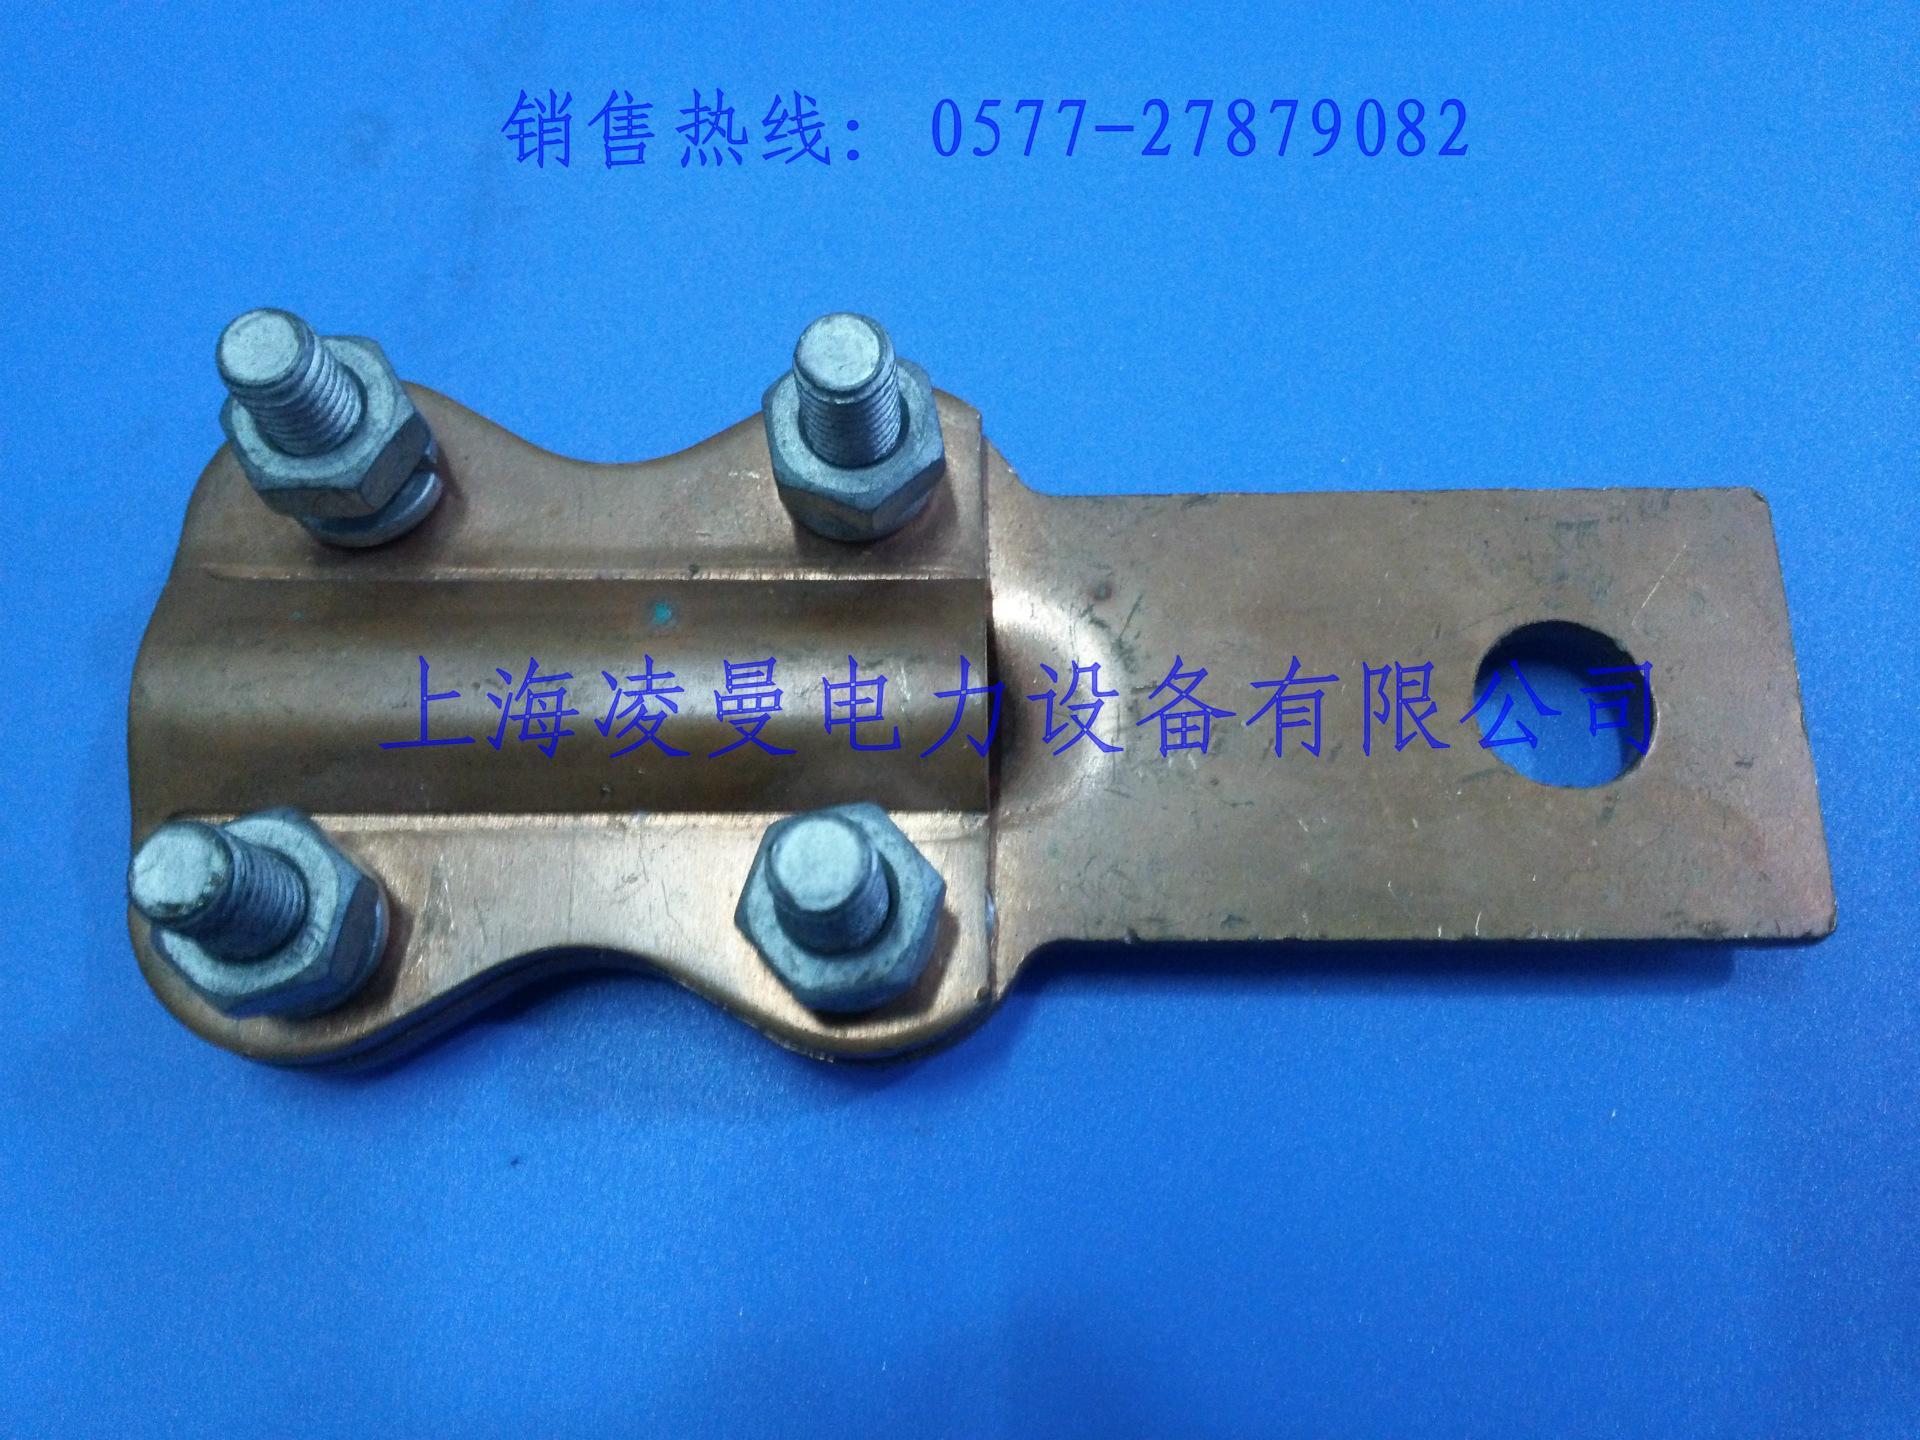 设备线夹 jt jtl jl铜 铜铝 铝接线夹